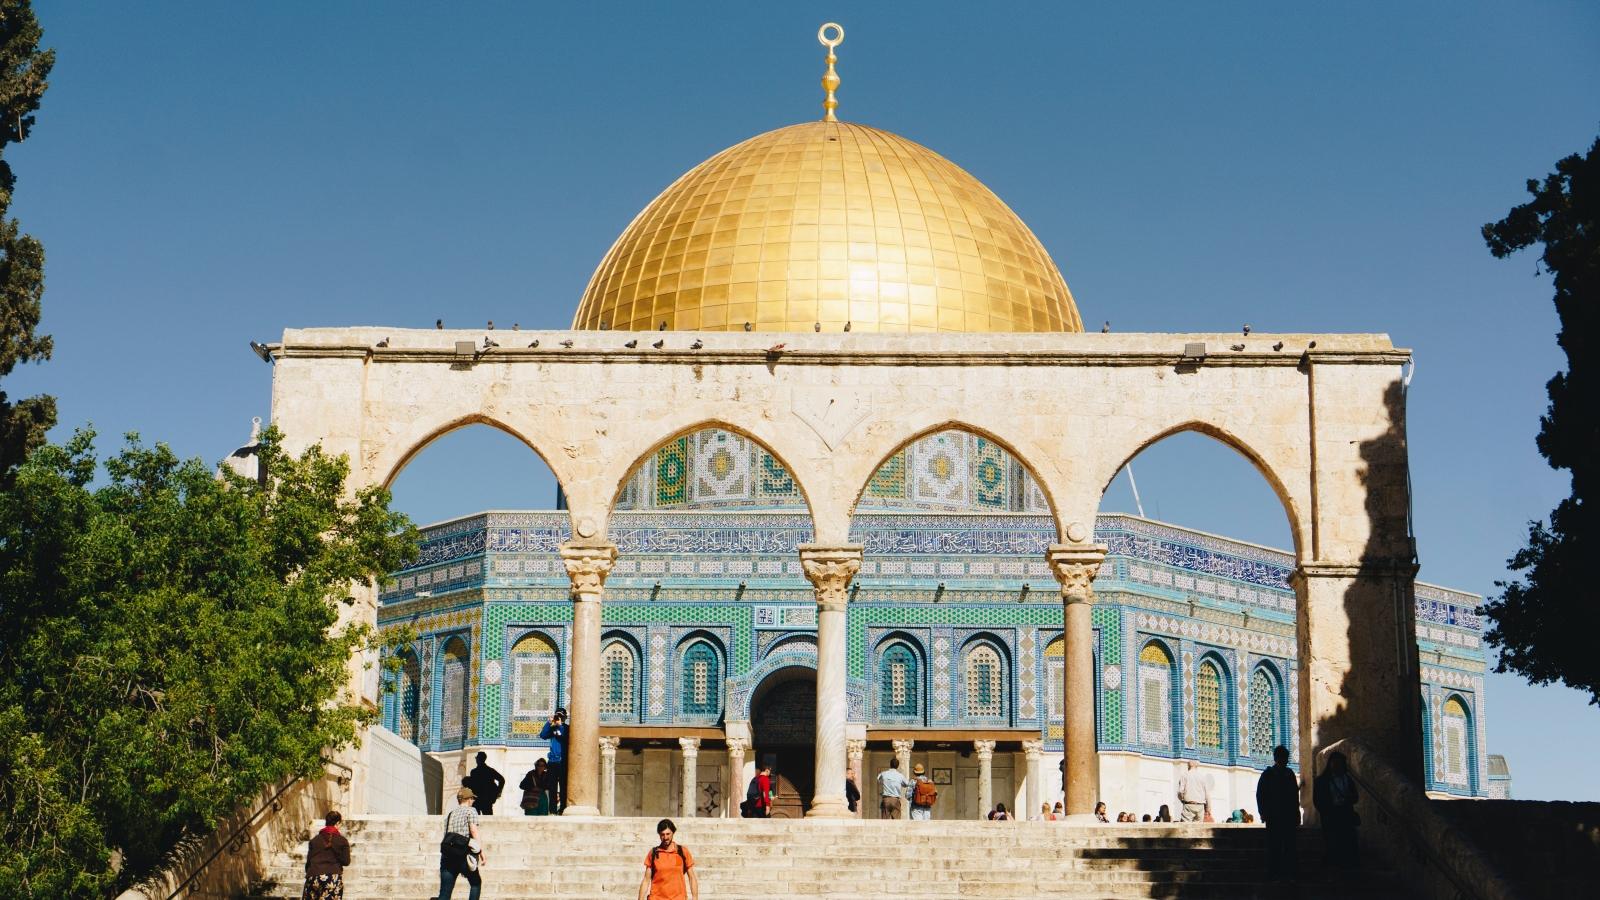 Bỏ túi những kinh nghiệm hữu ích cho chuyến du lịch Trung Đông